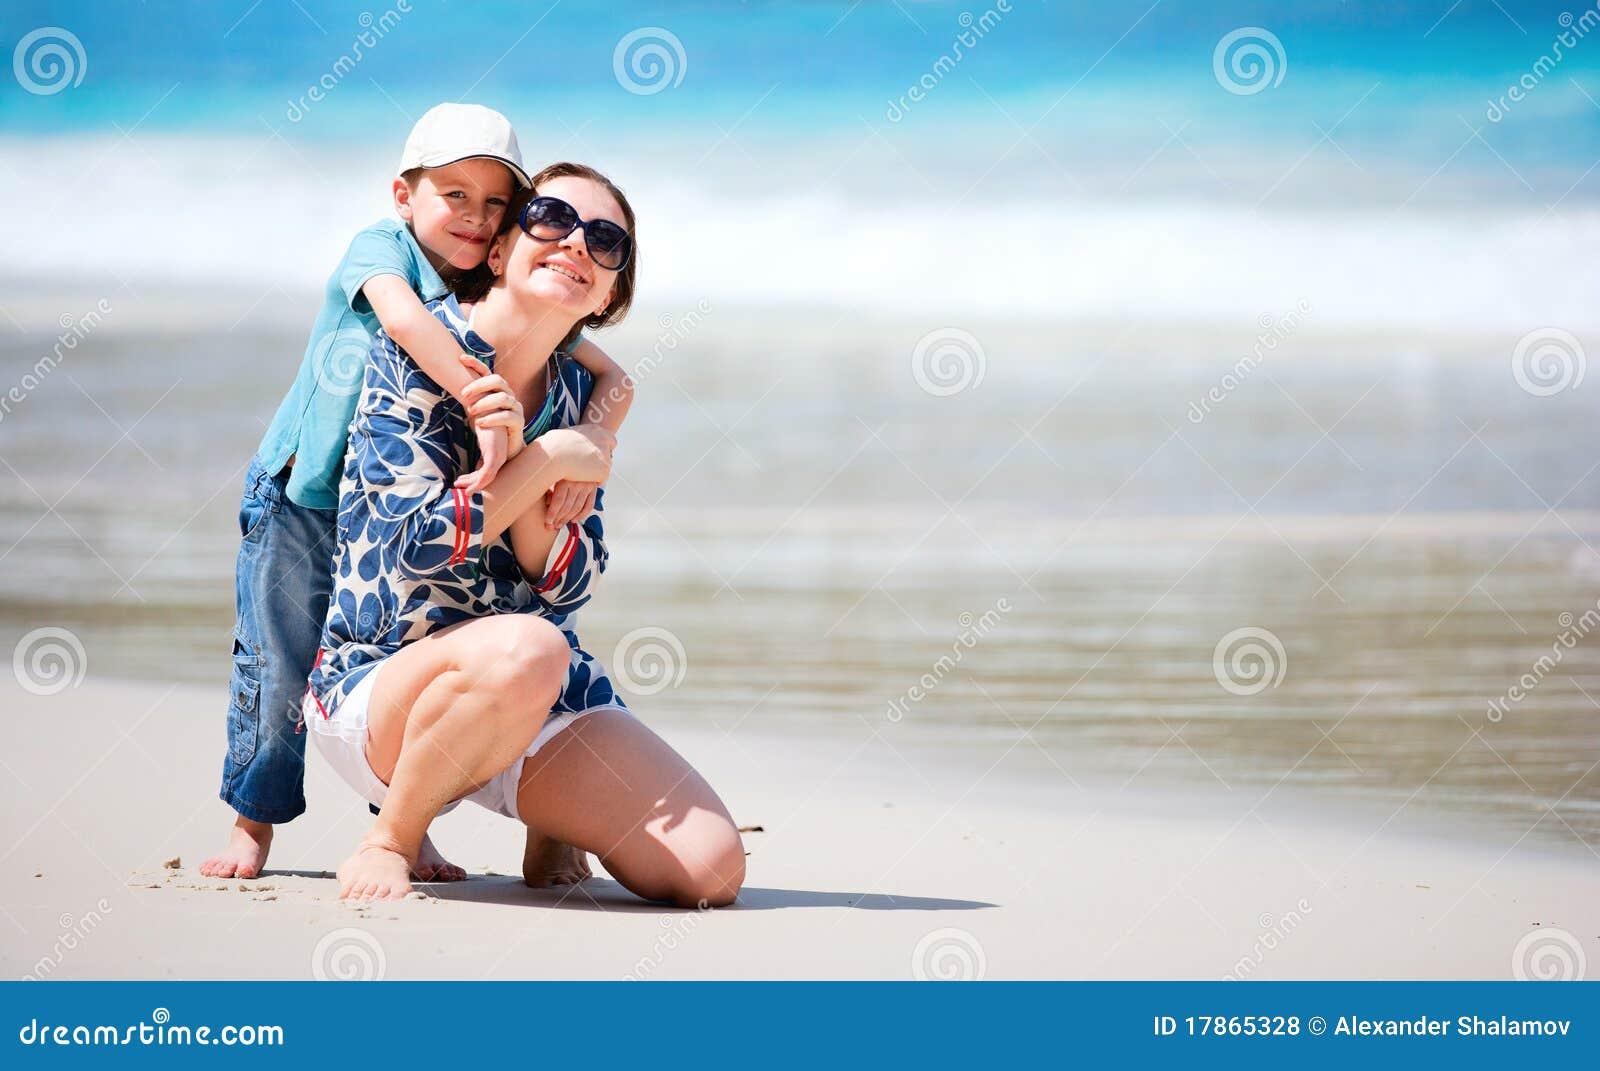 Рассказ секс мамы с сыном на отдыхе, Инцест - Эротический рассказ 23 фотография